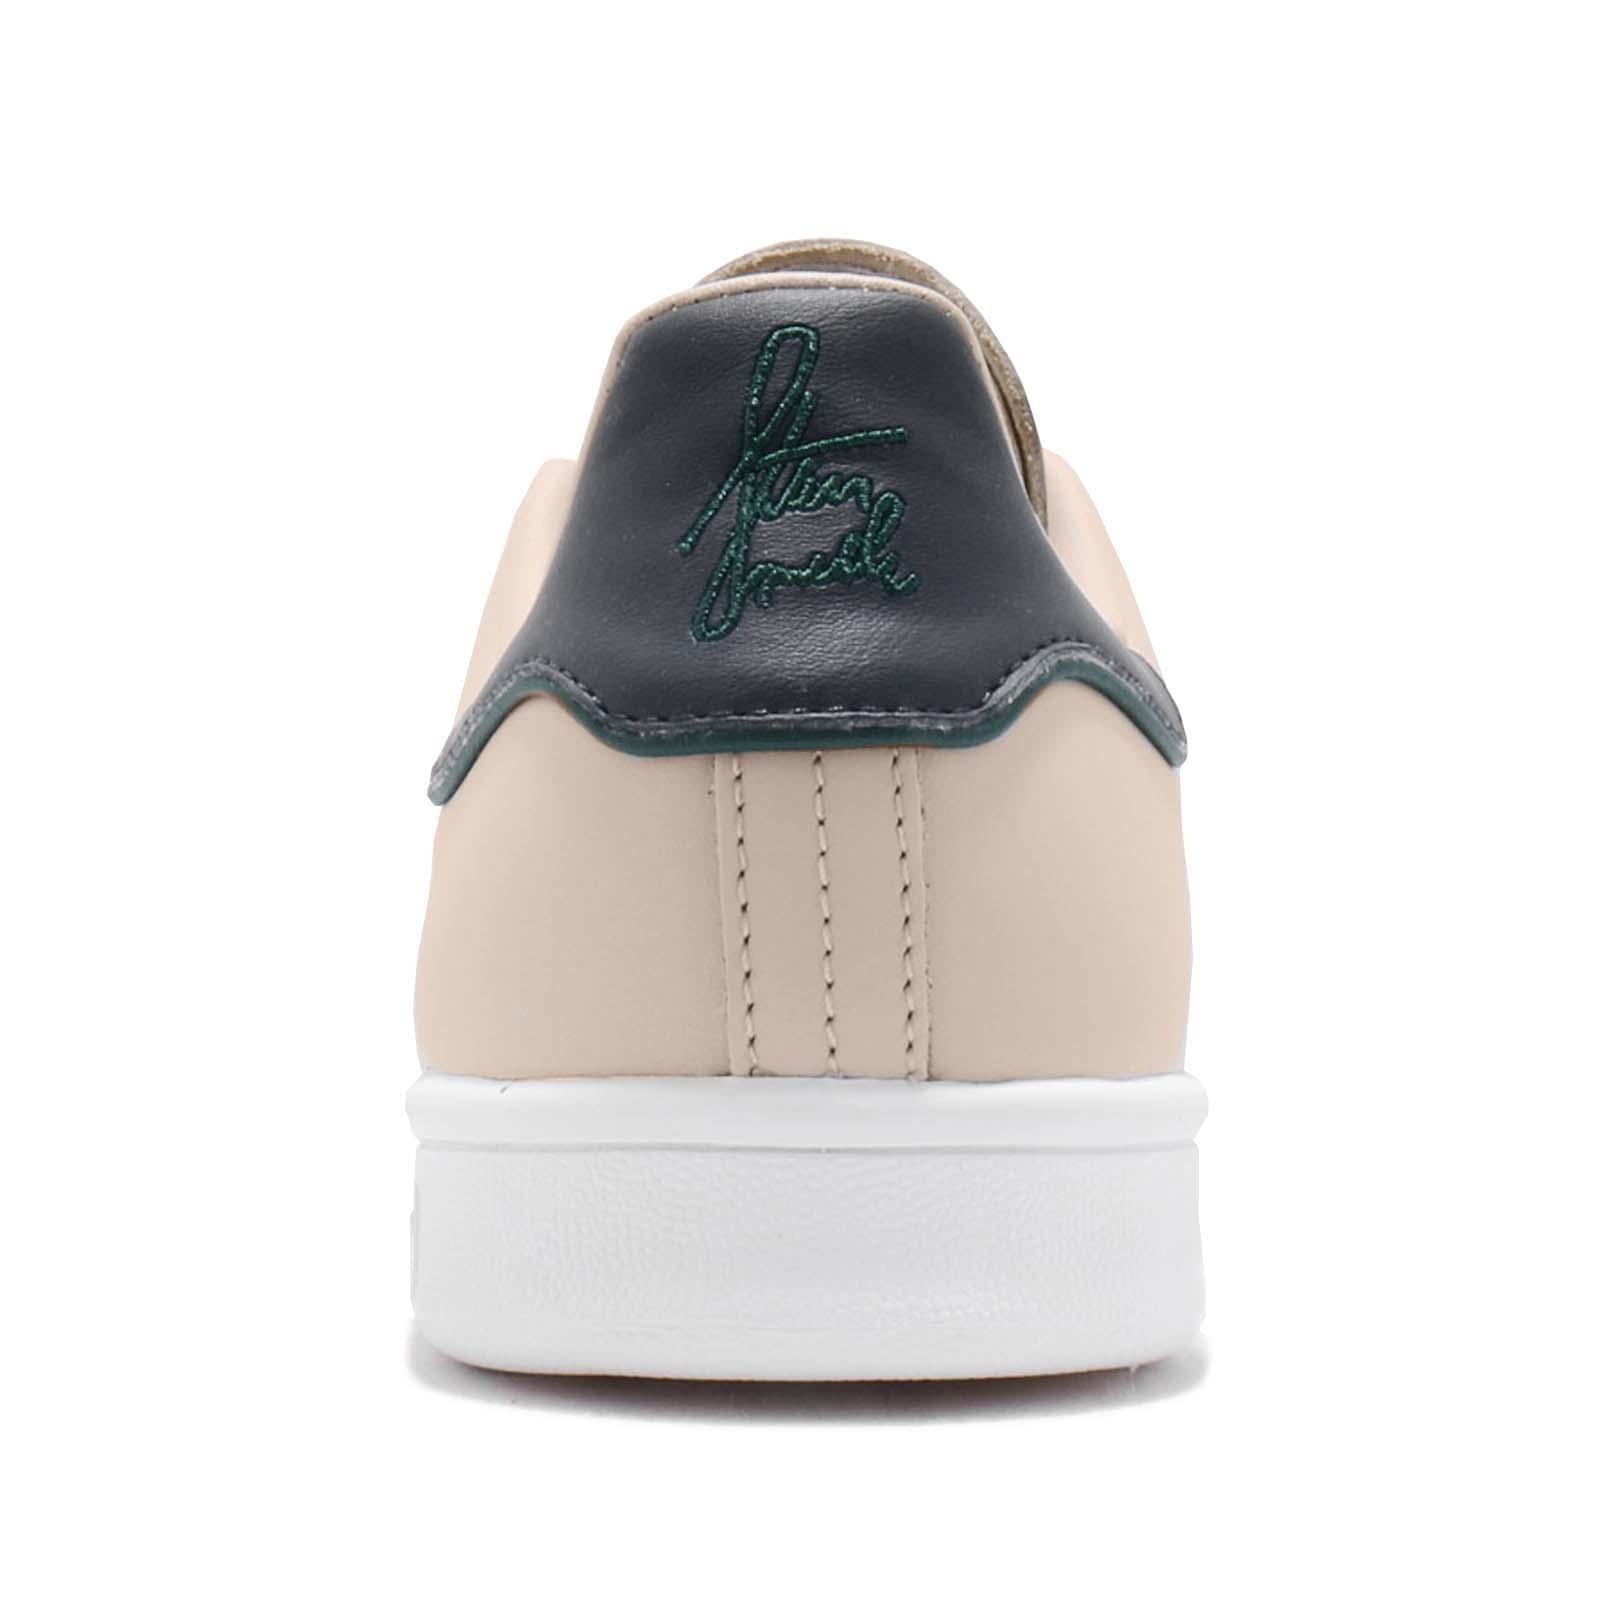 adidas Originals Stan Smith Brown Green Men Women Casual Shoes ... 1777213e4